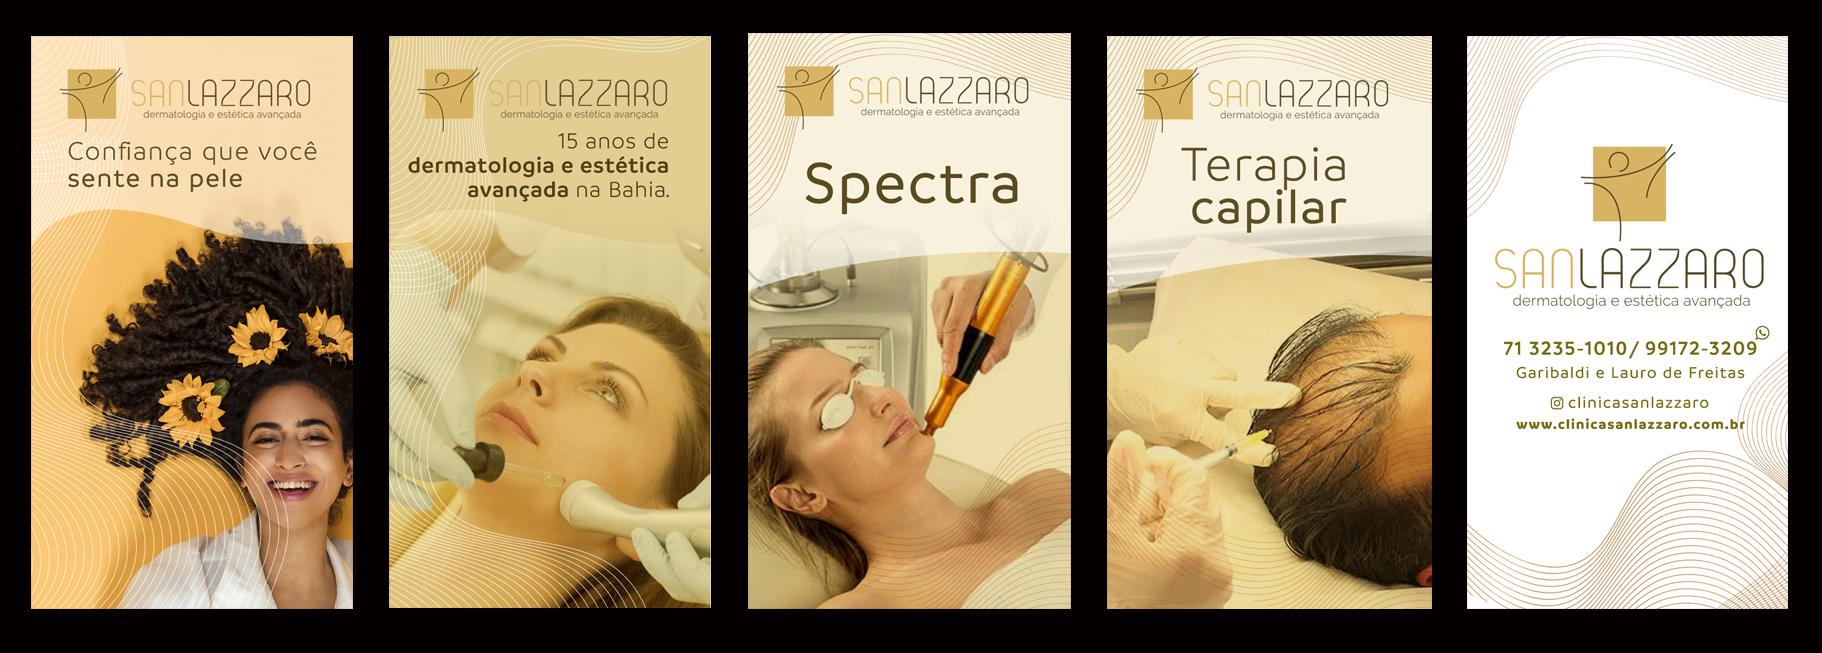 CLÍNICA SANLAZZARO - Campanha